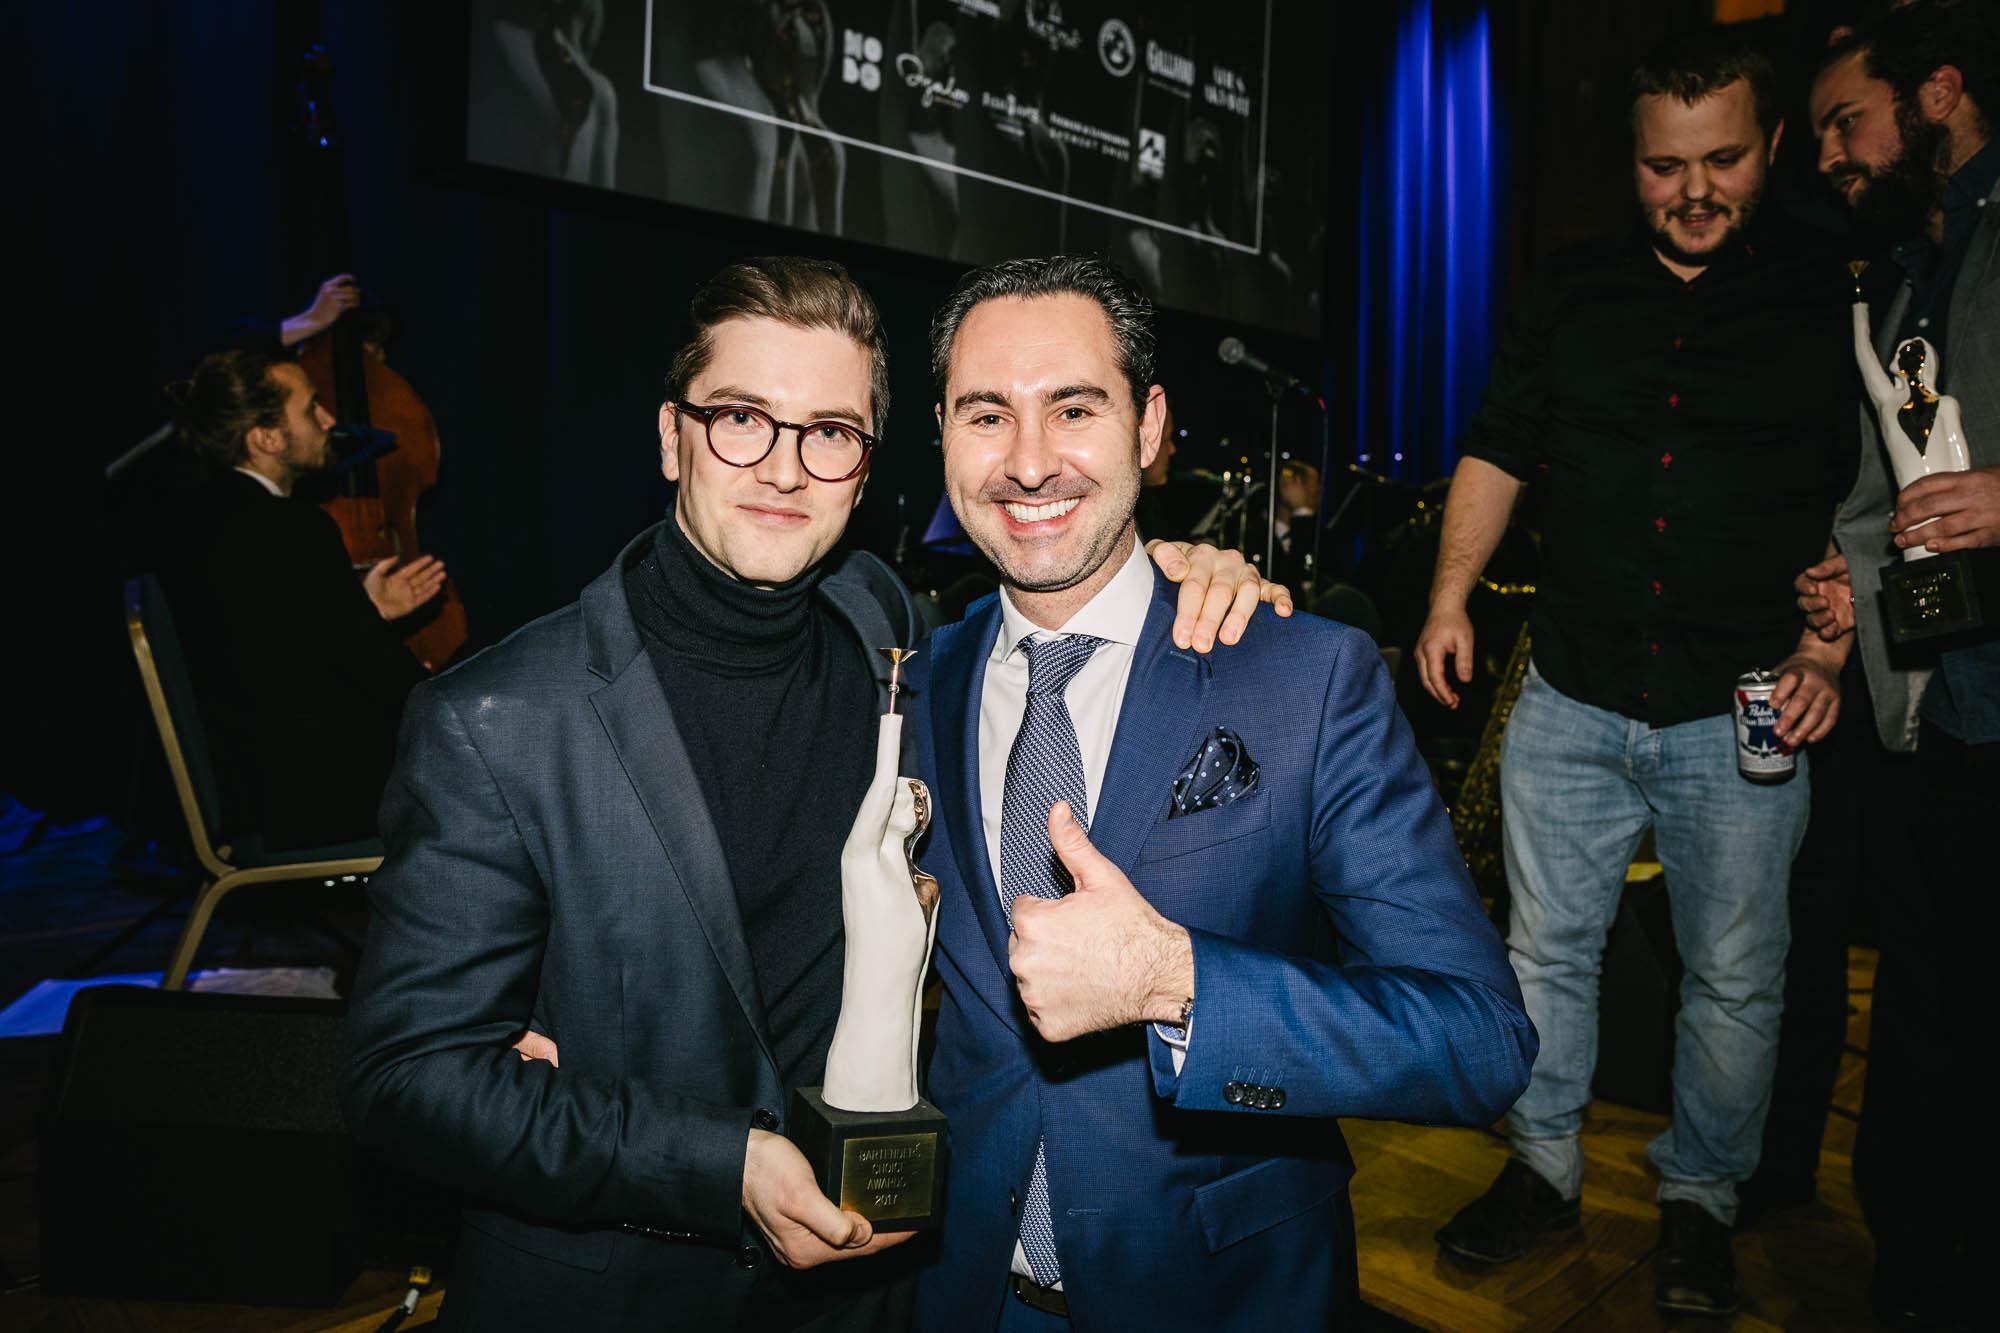 bca-2017-winners-11.jpg